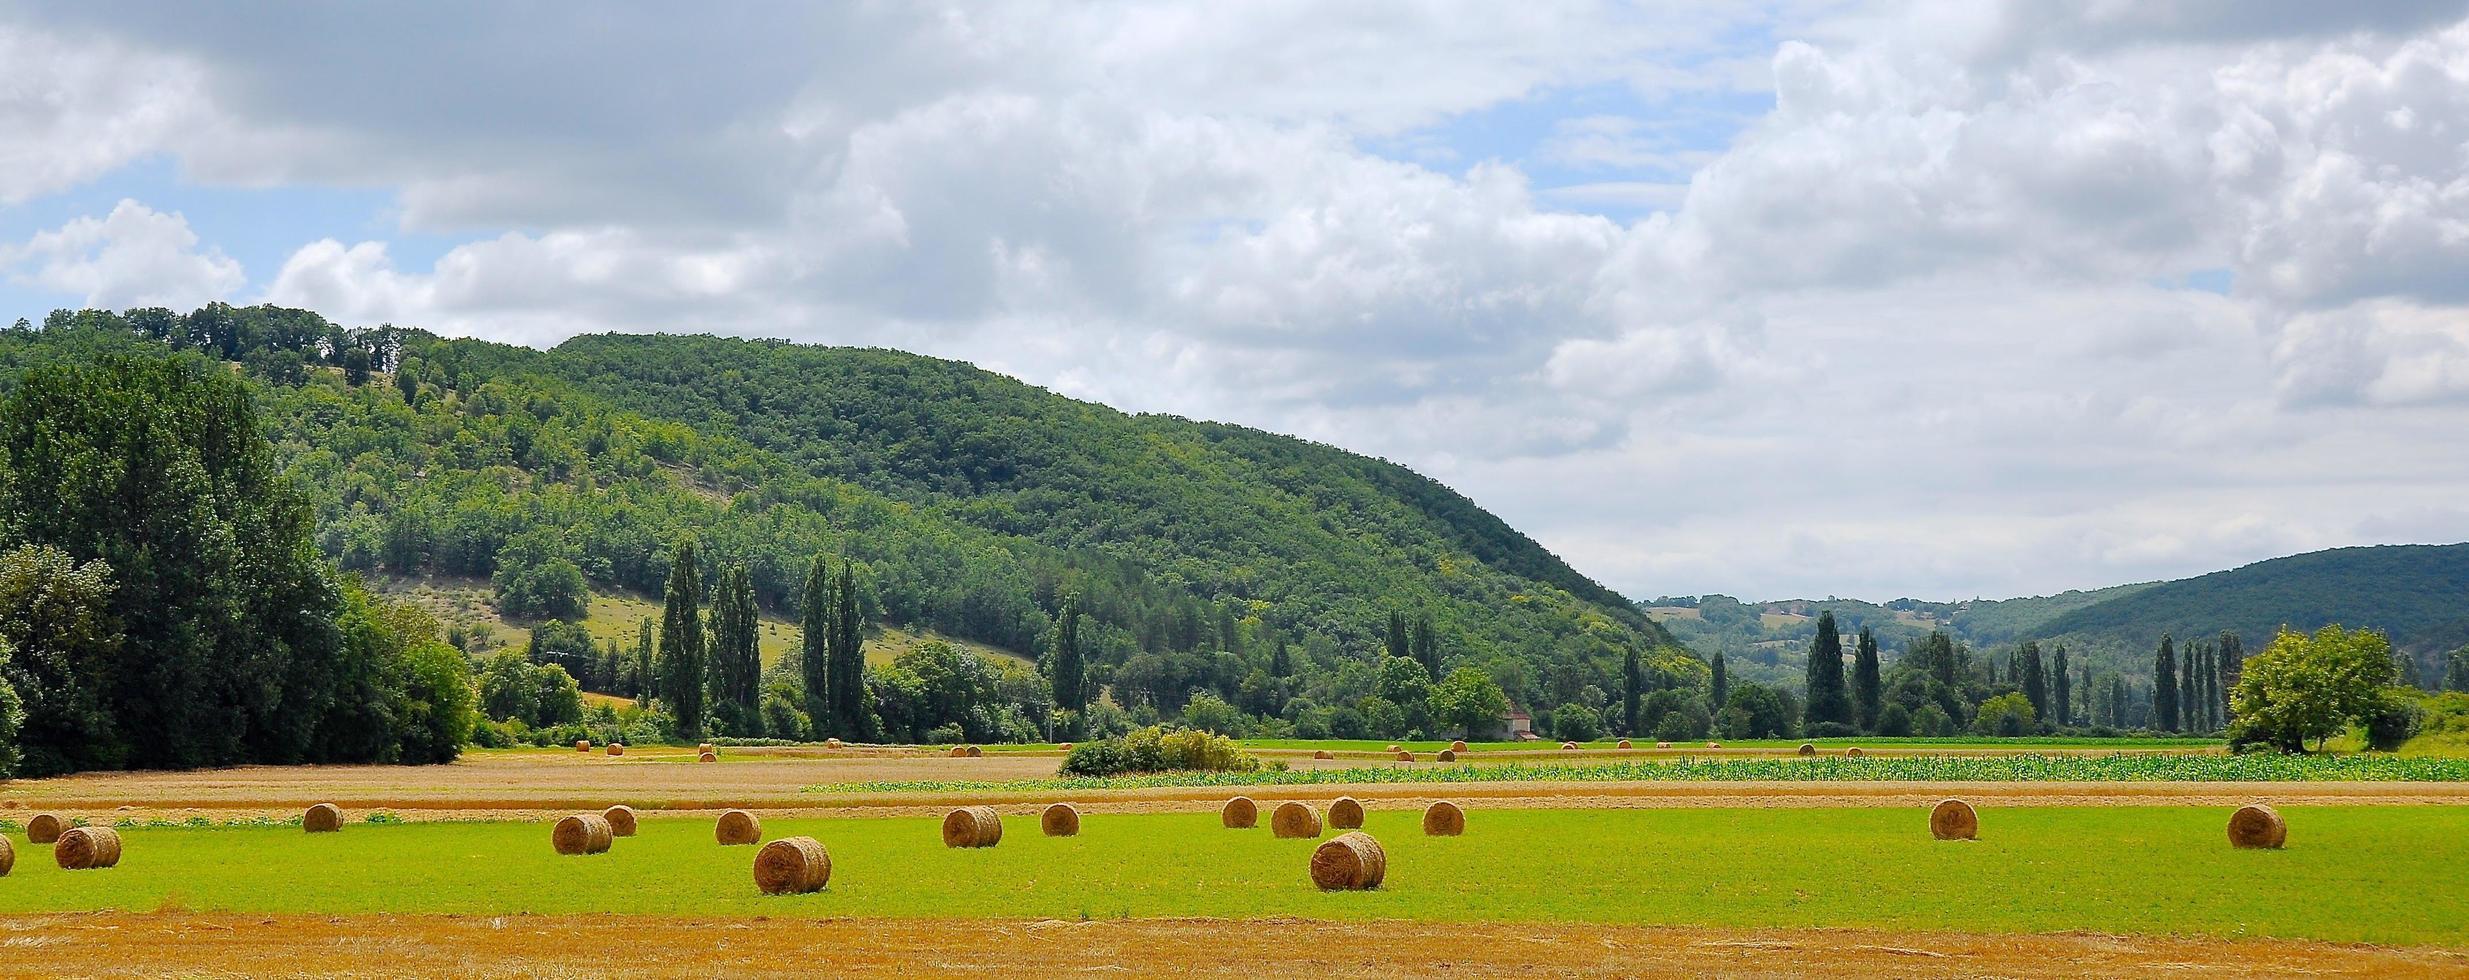 Panorama de montones de heno en el campo durante el día foto